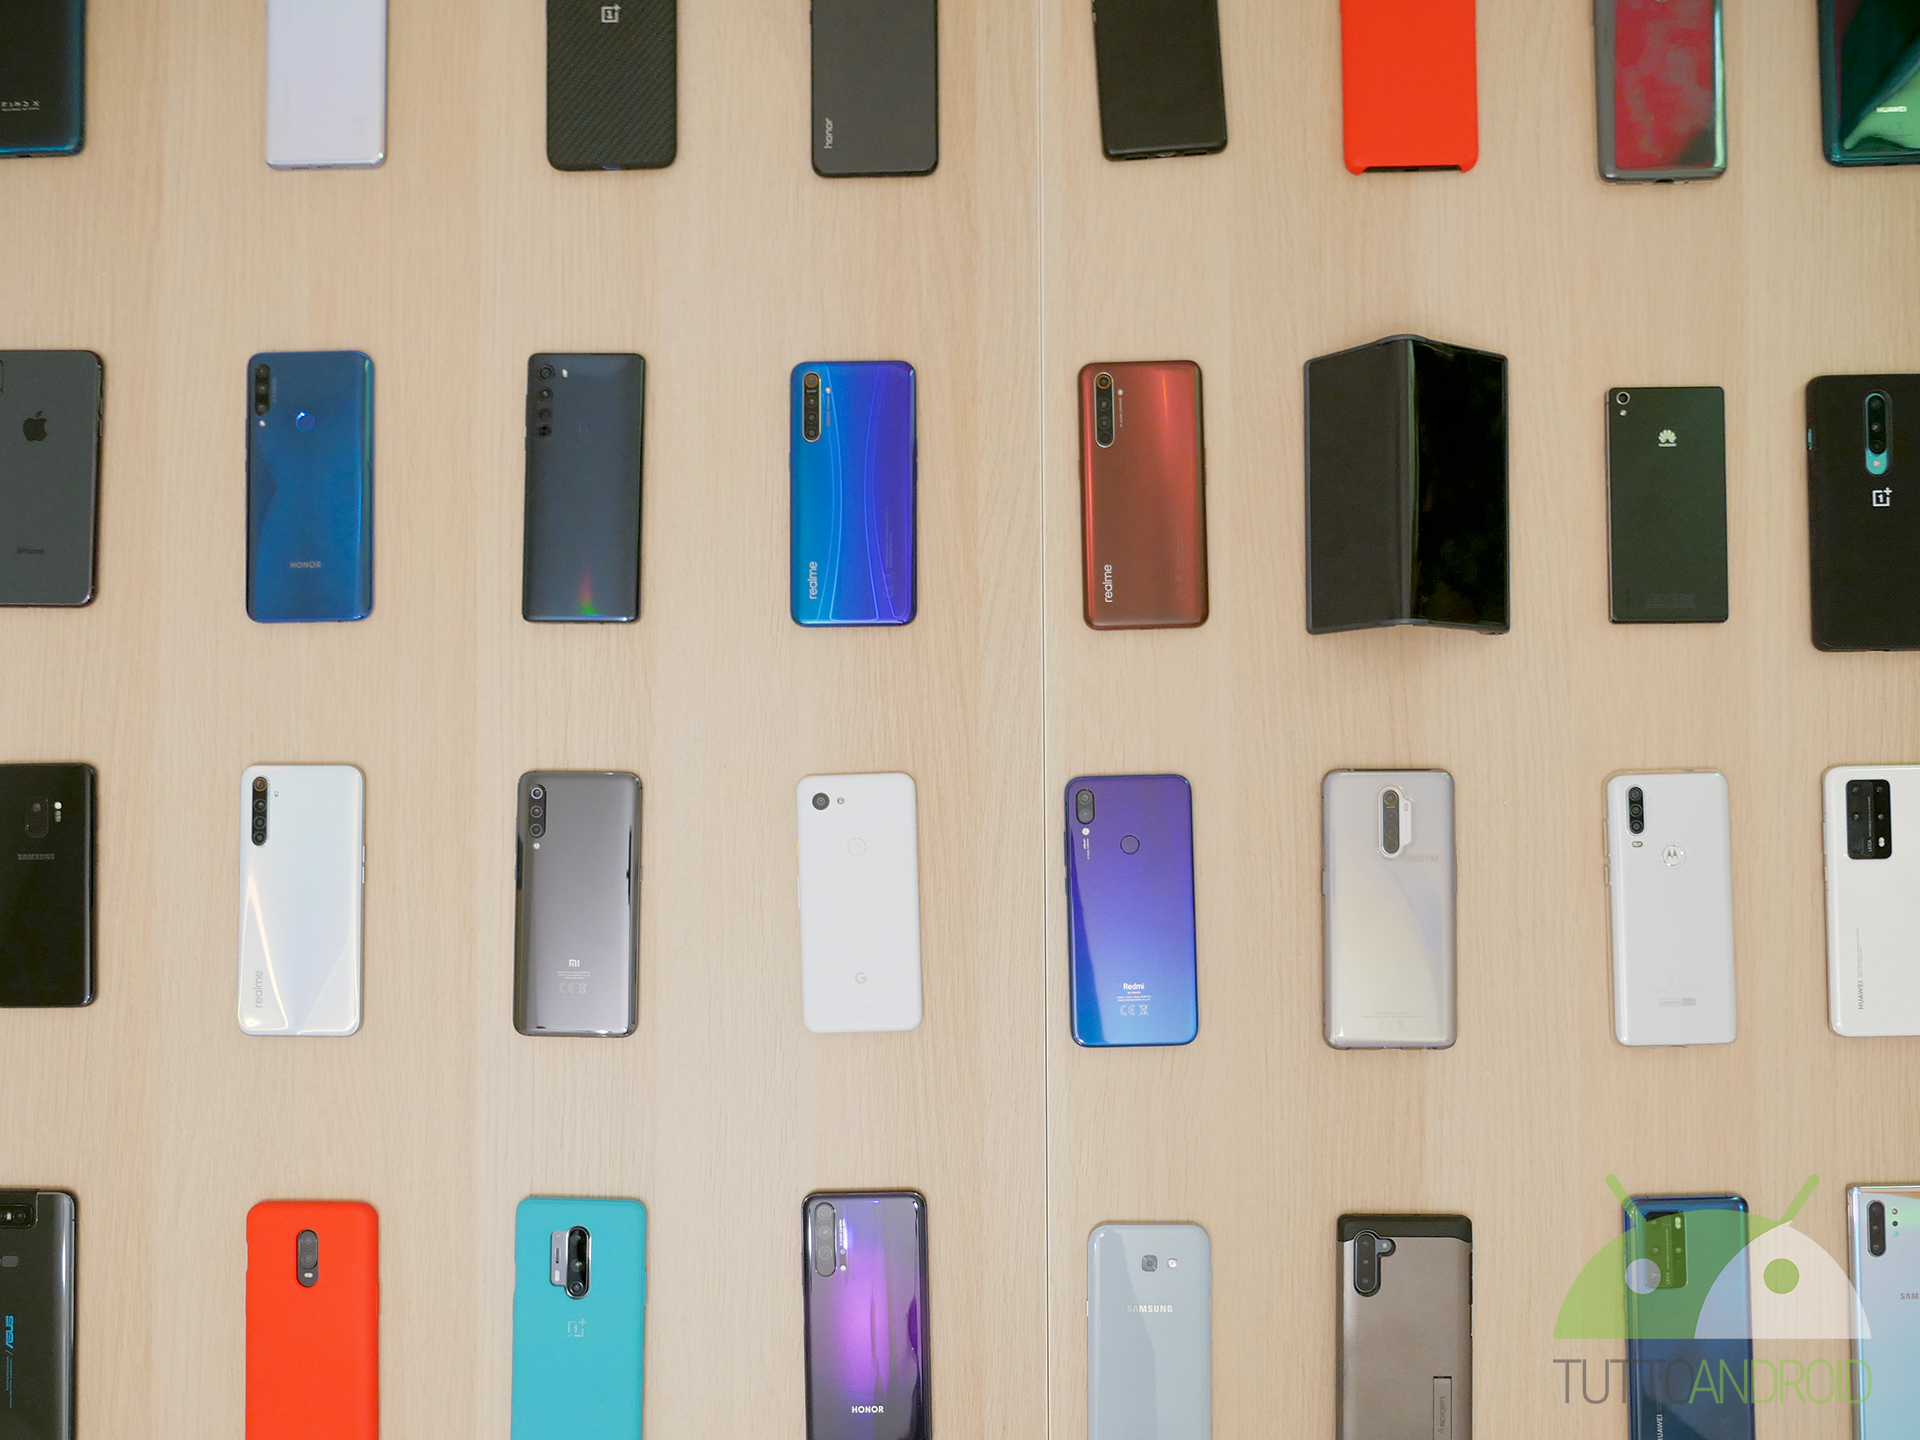 Ecco perché gli smartphone costeranno di più nei prossimi mesi